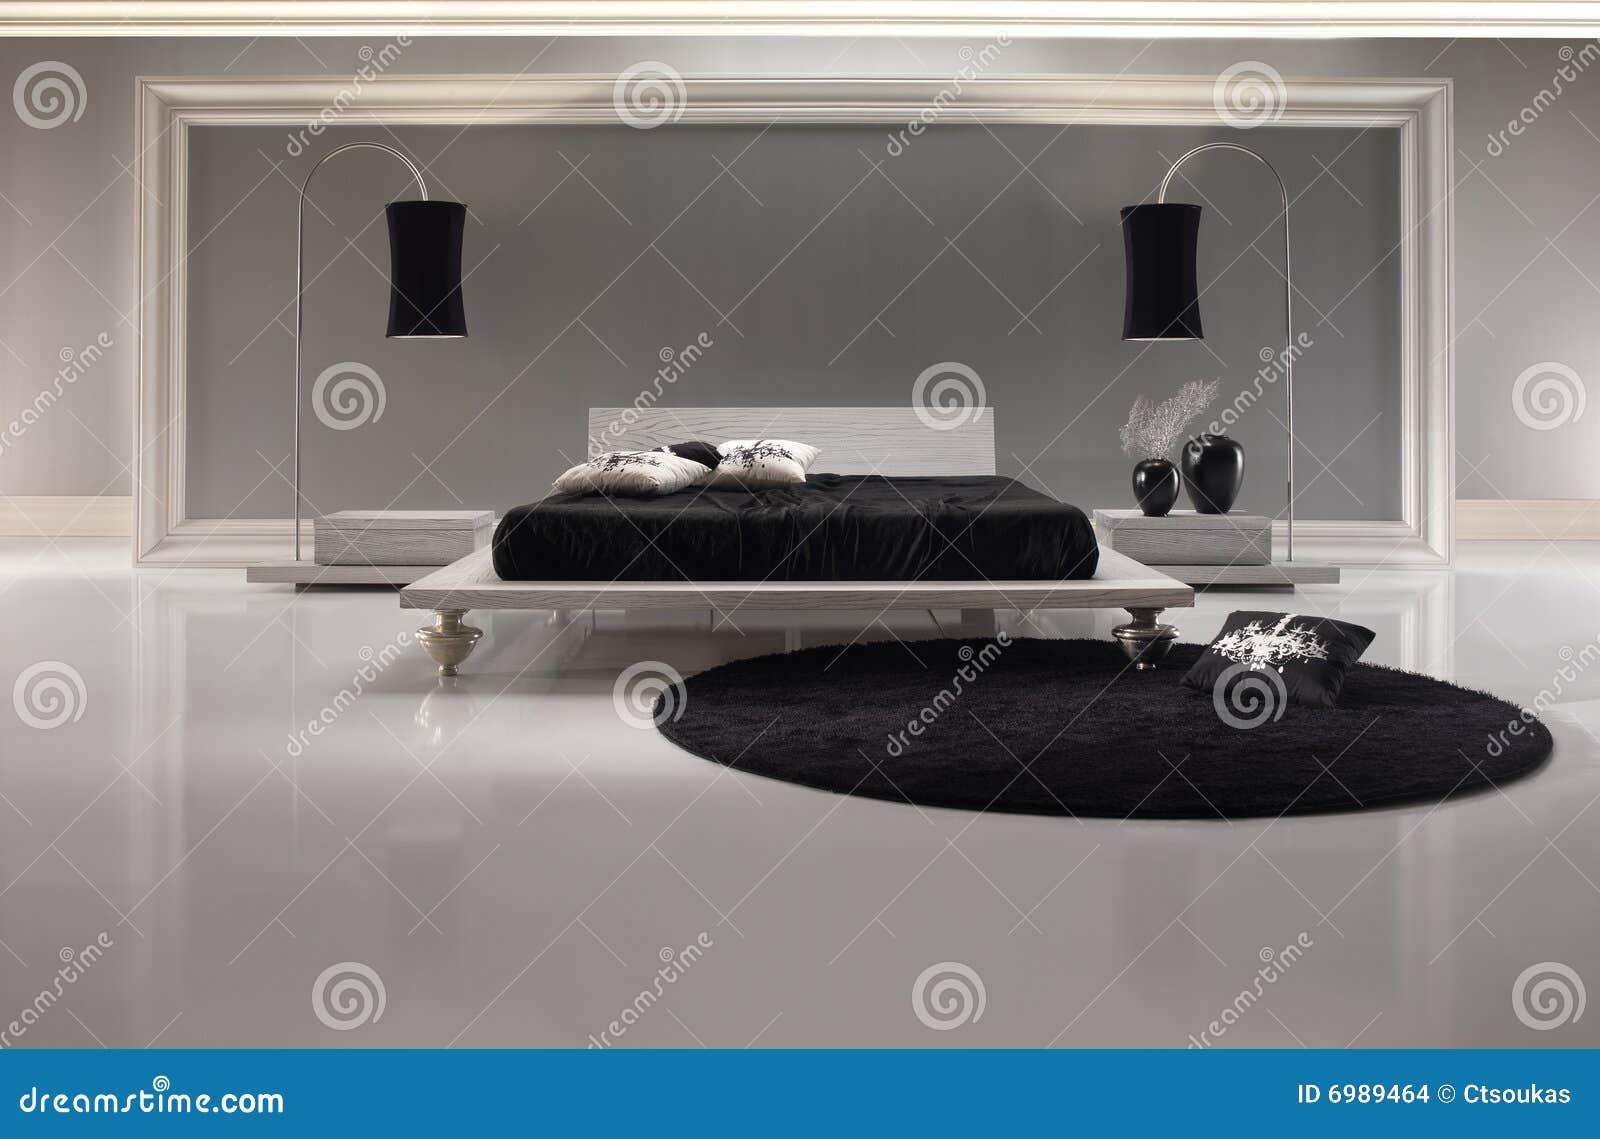 Witte Luxueuze Slaapkamer Stock Afbeeldingen - Afbeelding: 6989464